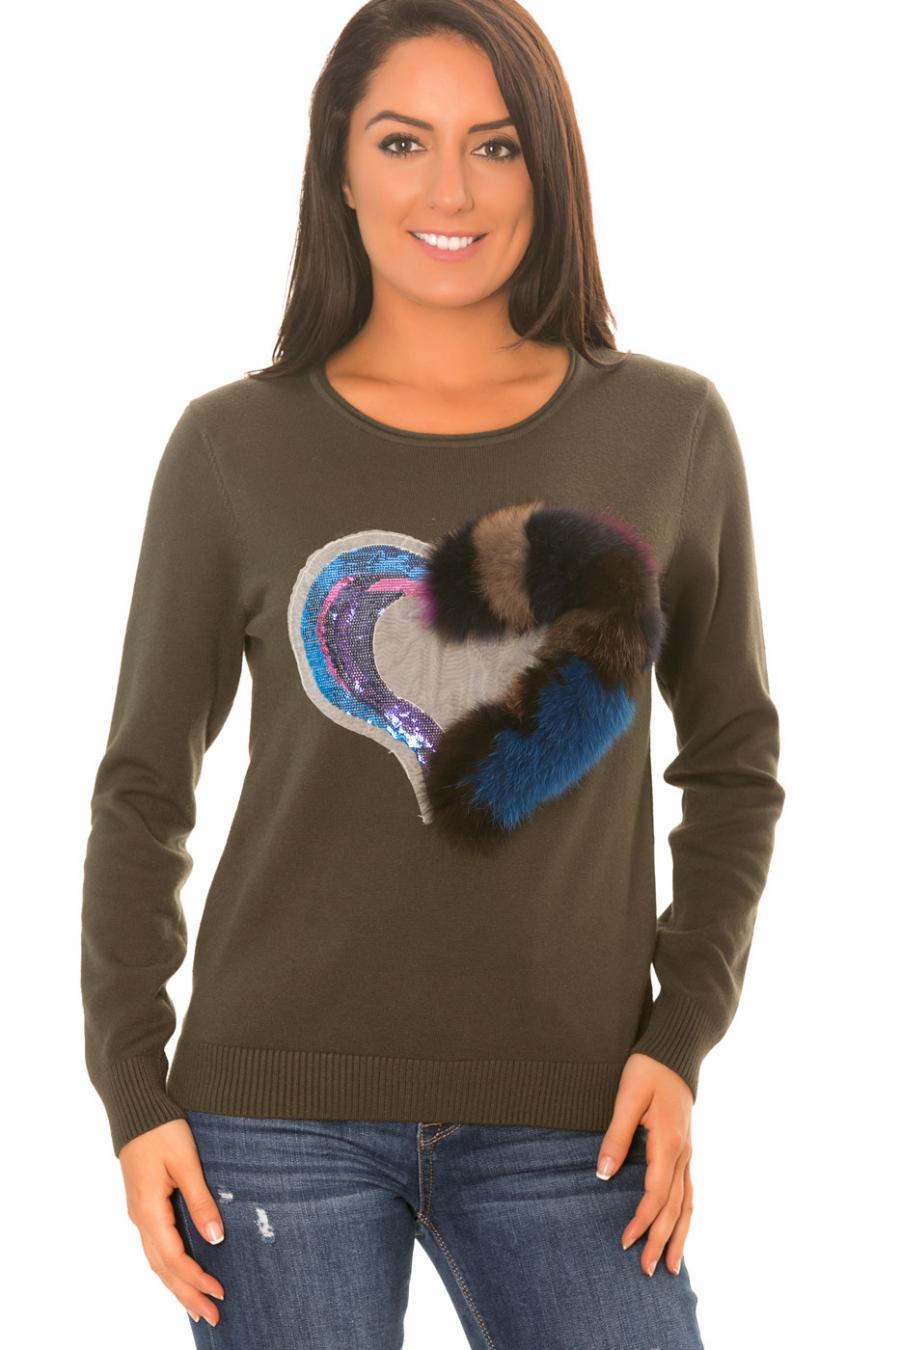 Pull kaki très fashion avec motif coeur orné de paillette et de fourrure synthétique coloré. H3117